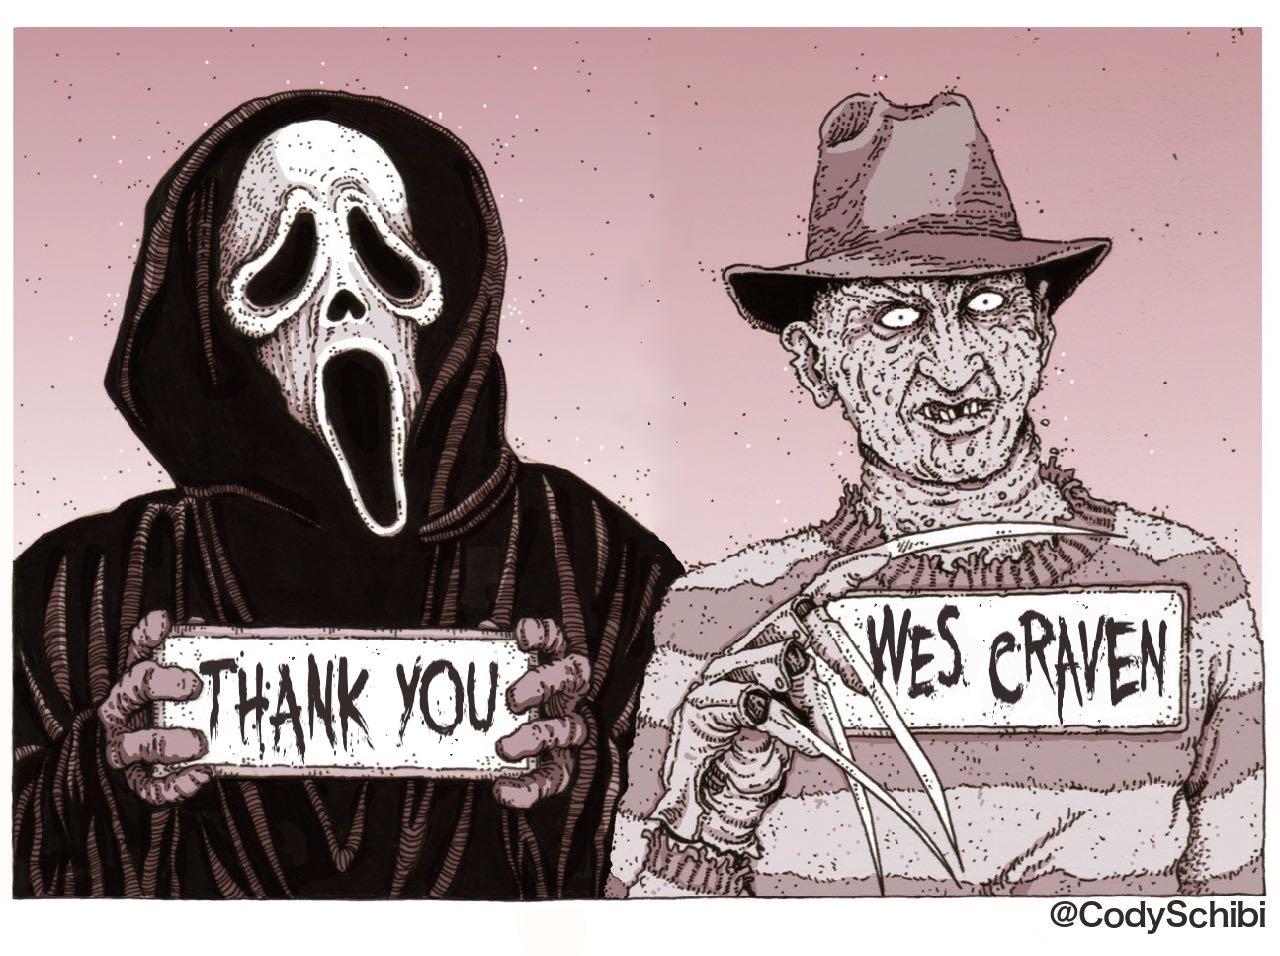 Ghostface e Freddy Kruger em homenagem de Cody Schibi (photo by codyschibi.com)